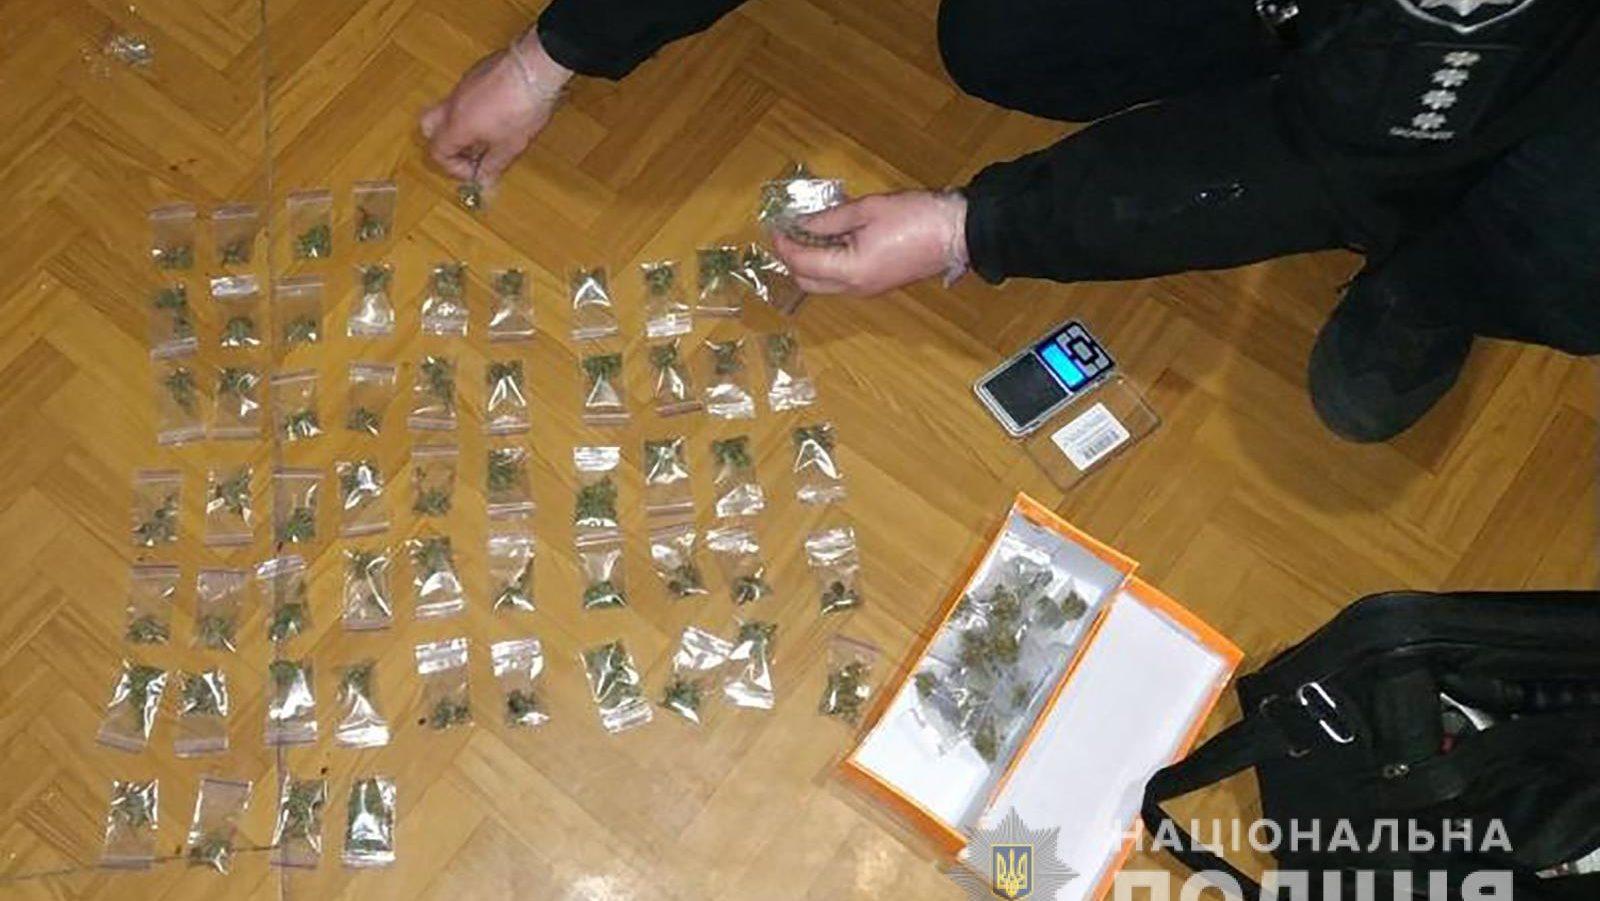 Житель Запорожья хранил дома наркотиков на 20 тысяч гривен